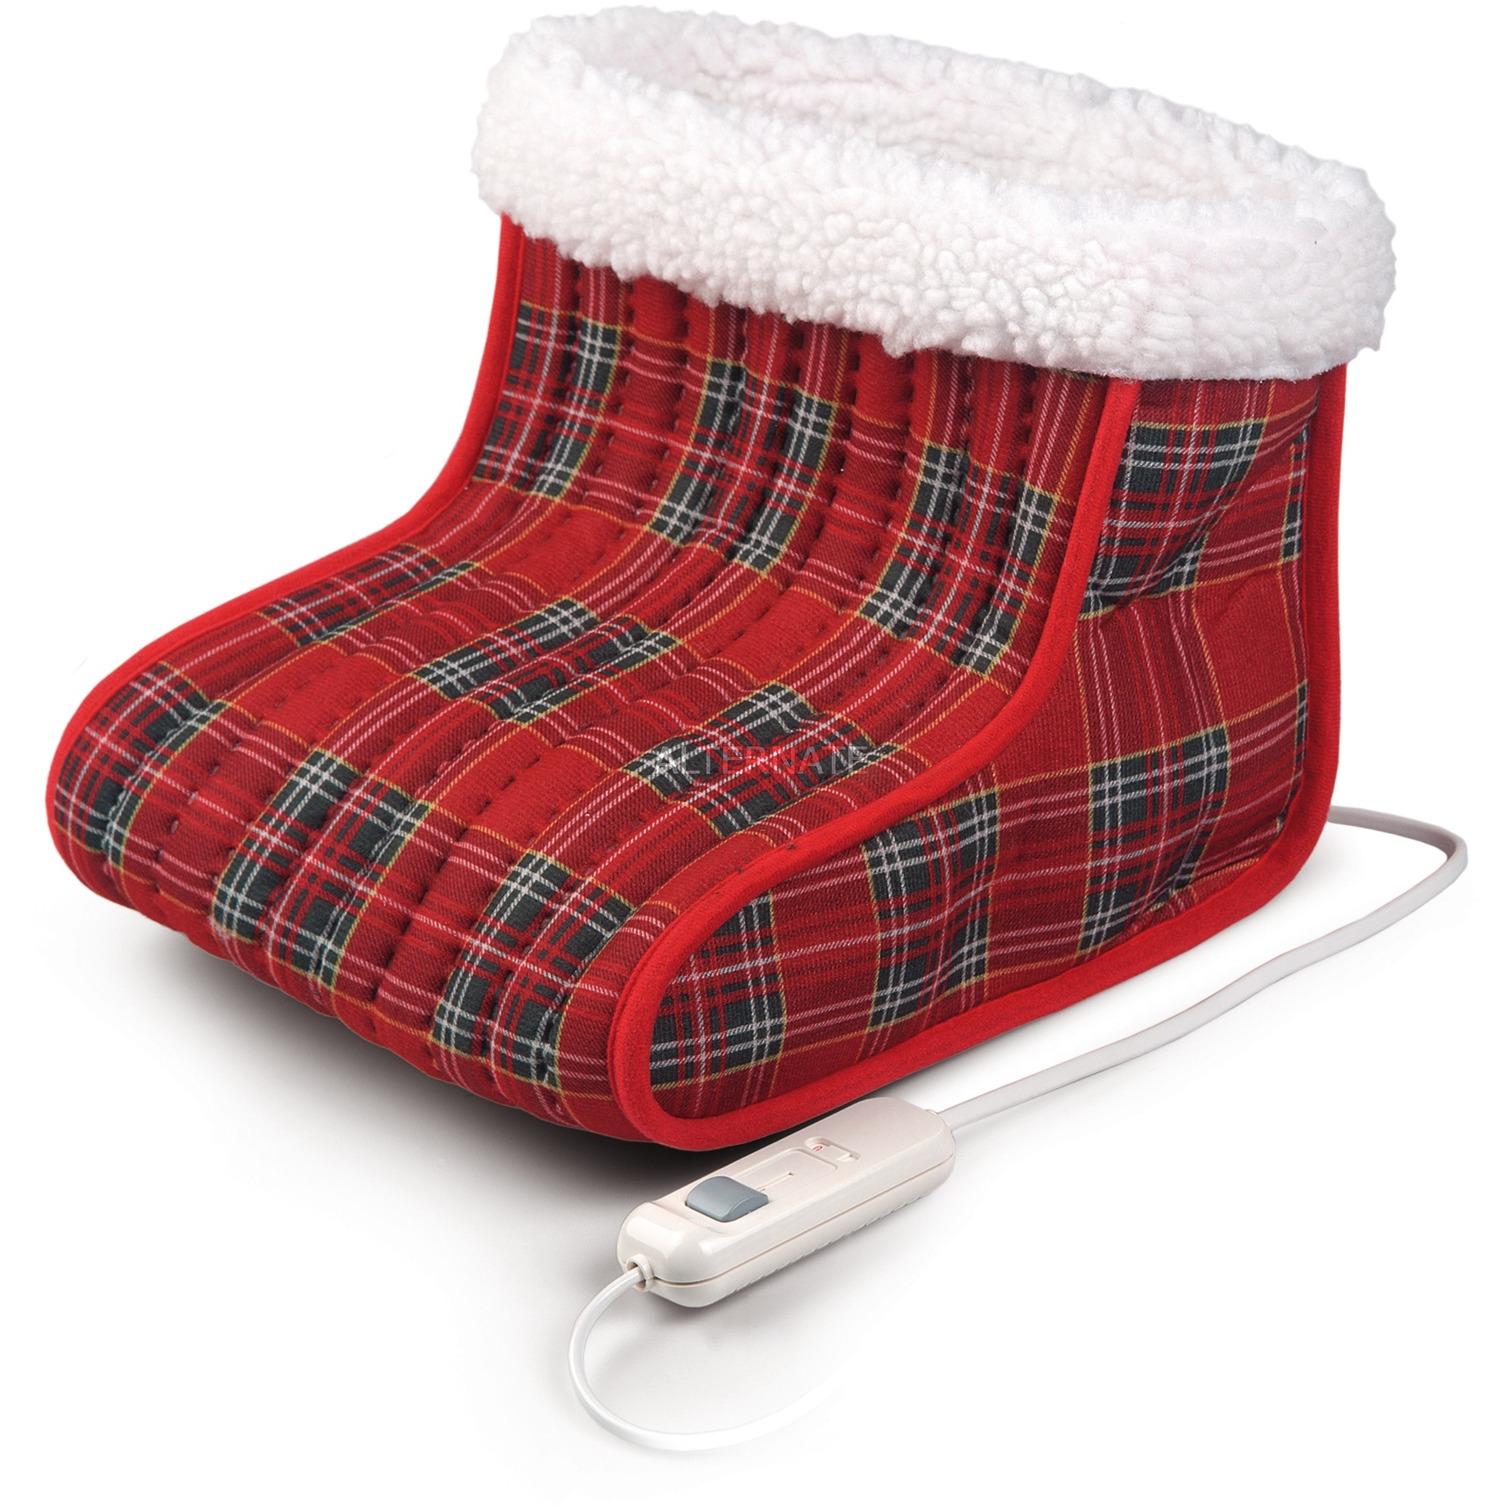 DO 632 V calentador de pies eléctrico Rojo, Calientapiés